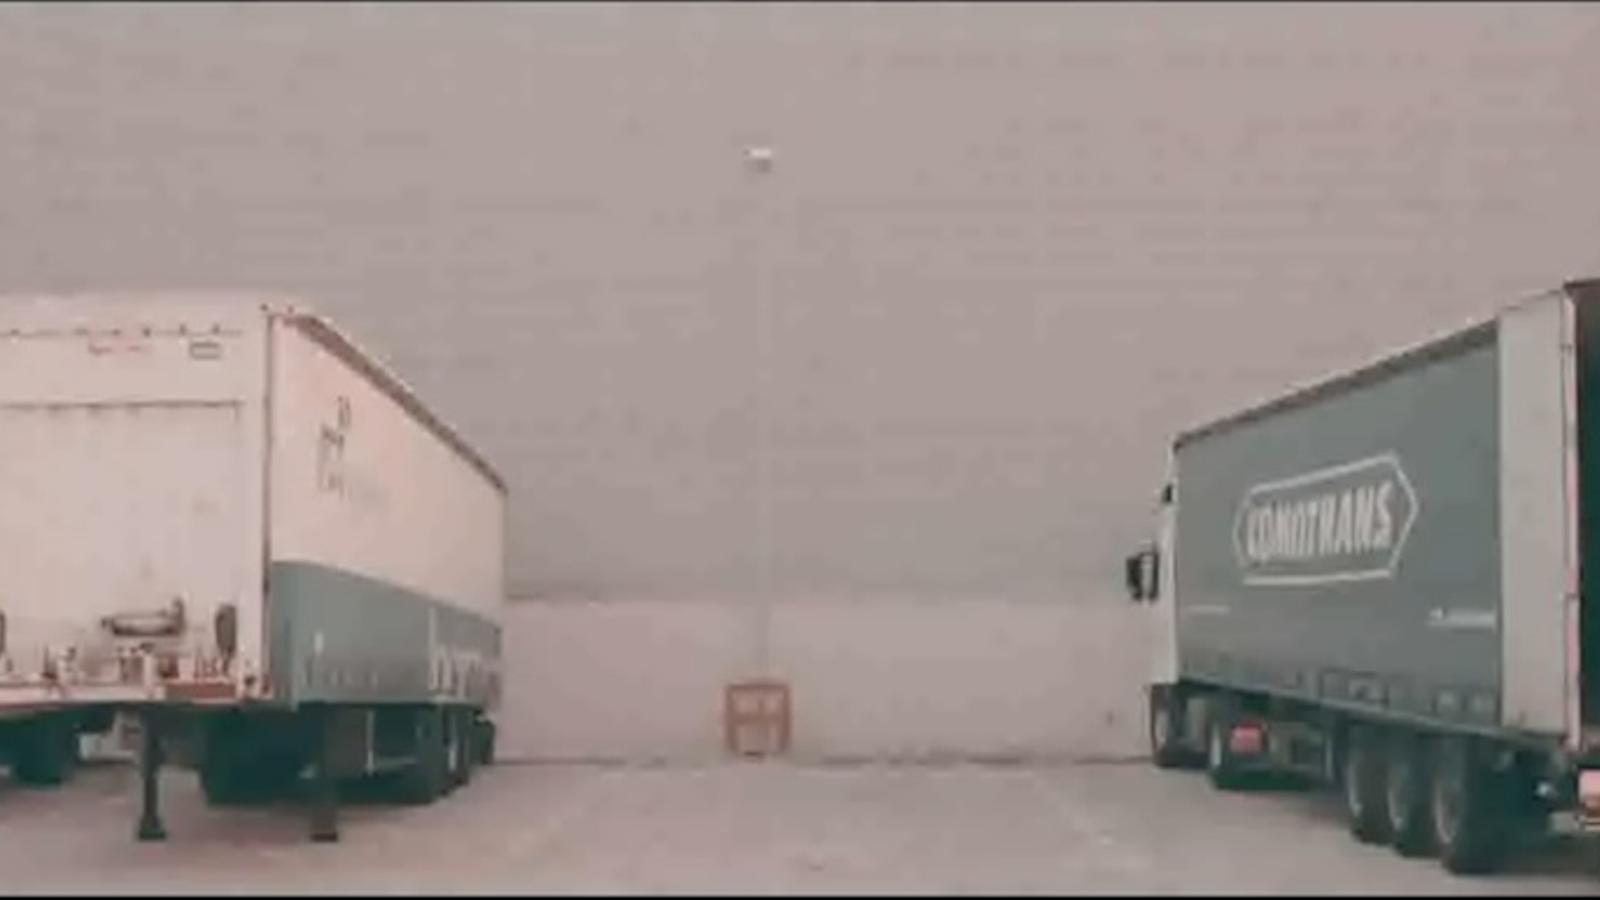 L'ARA ofereix en primícia el videoclip 'Petons entre camions' d'Anna Roig i L'ombre de ton chien